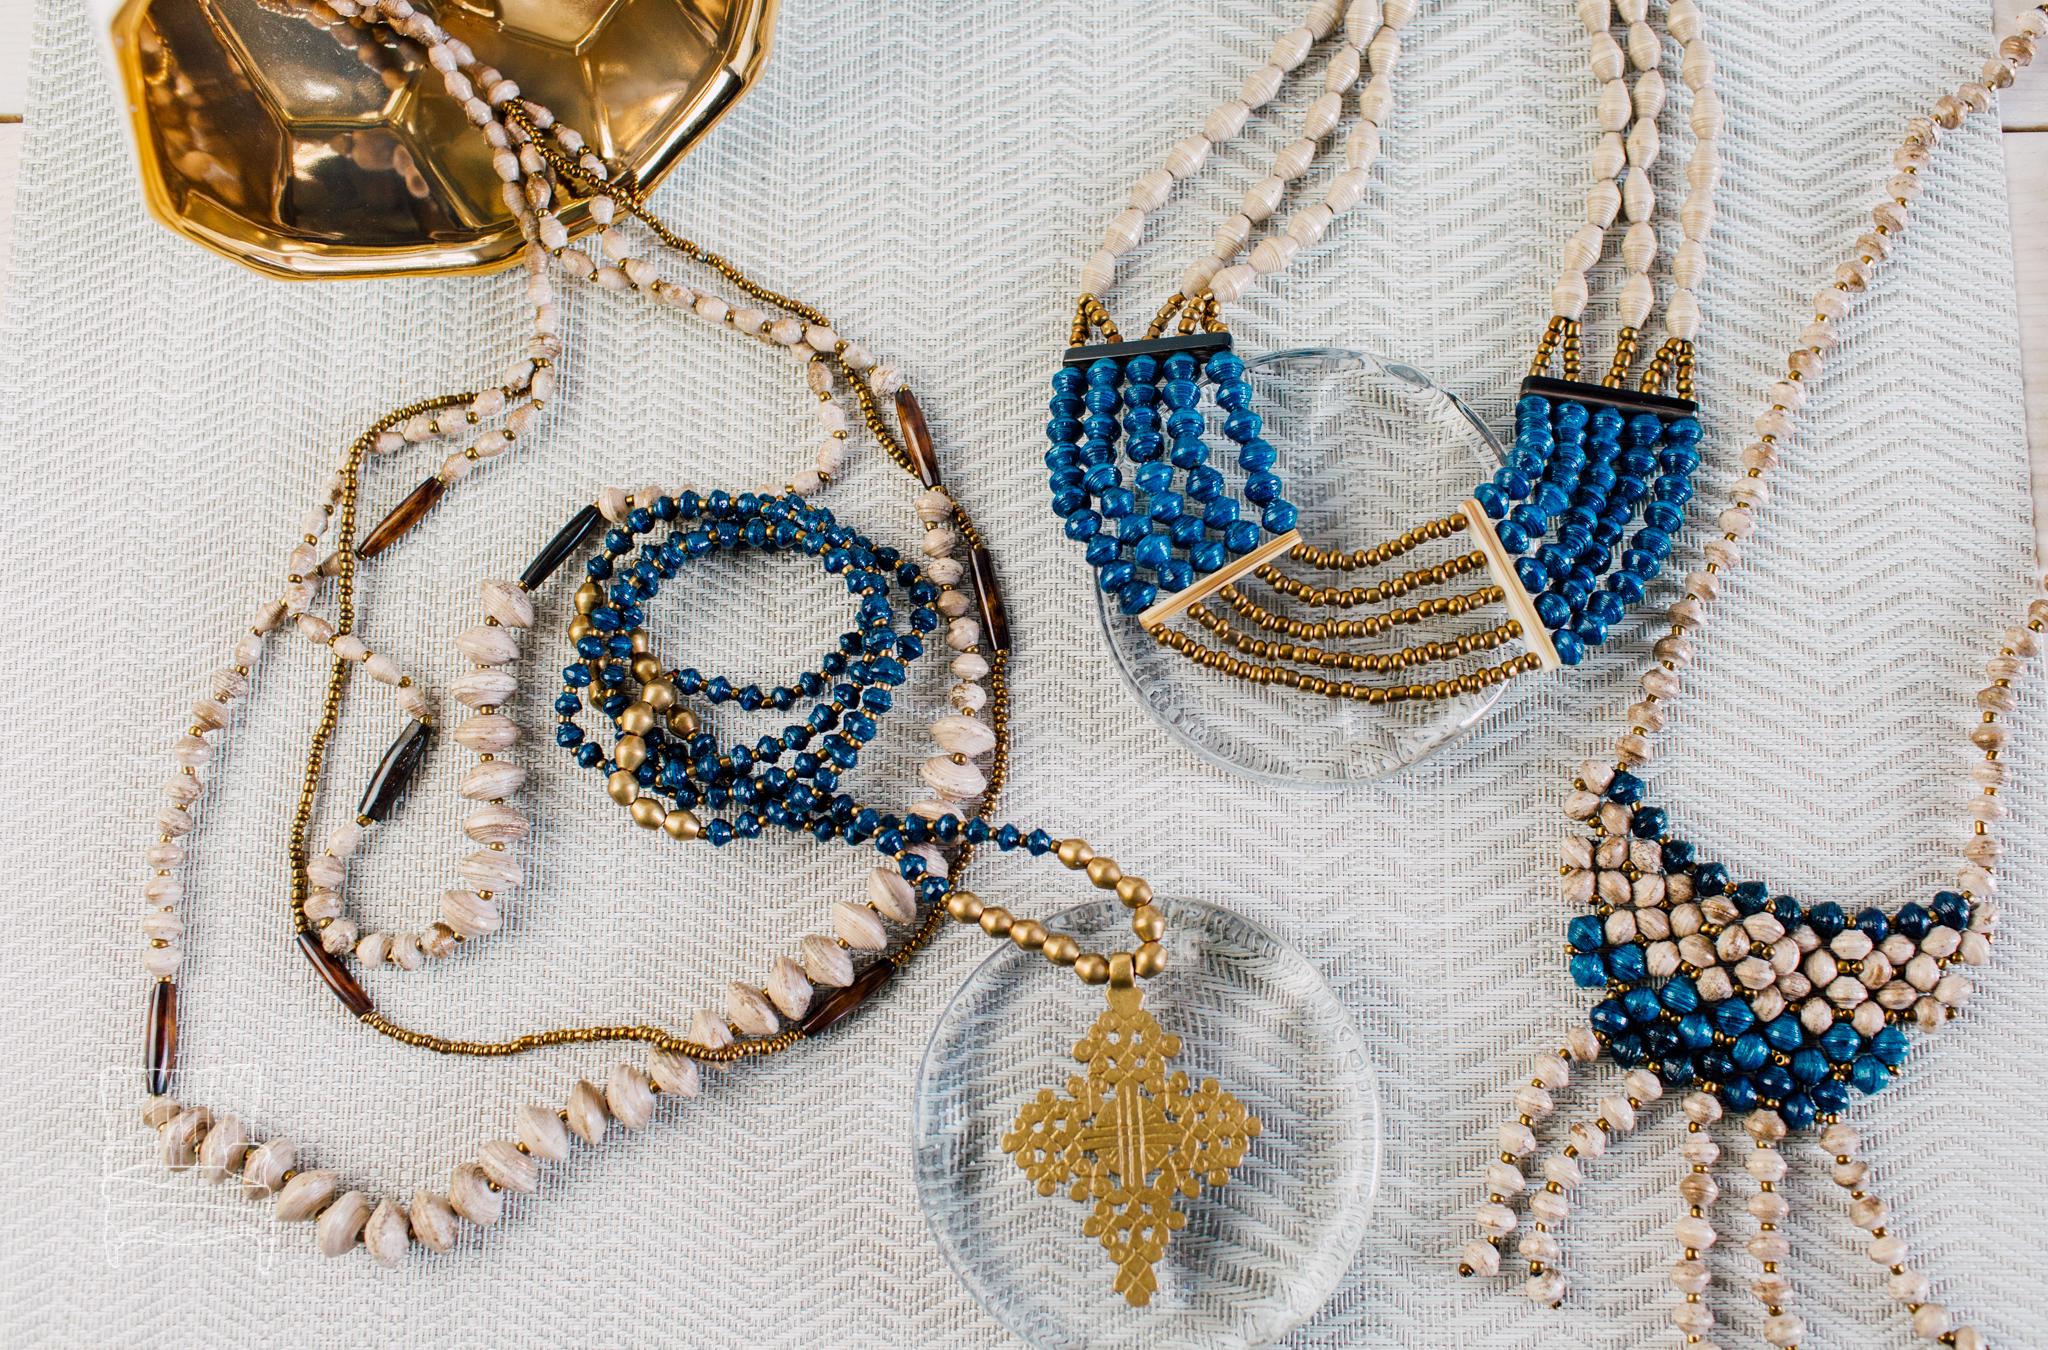 Ajuna-Jewelry-Fall-2017-studio-Katheryn-Moran-Photography-1.jpg